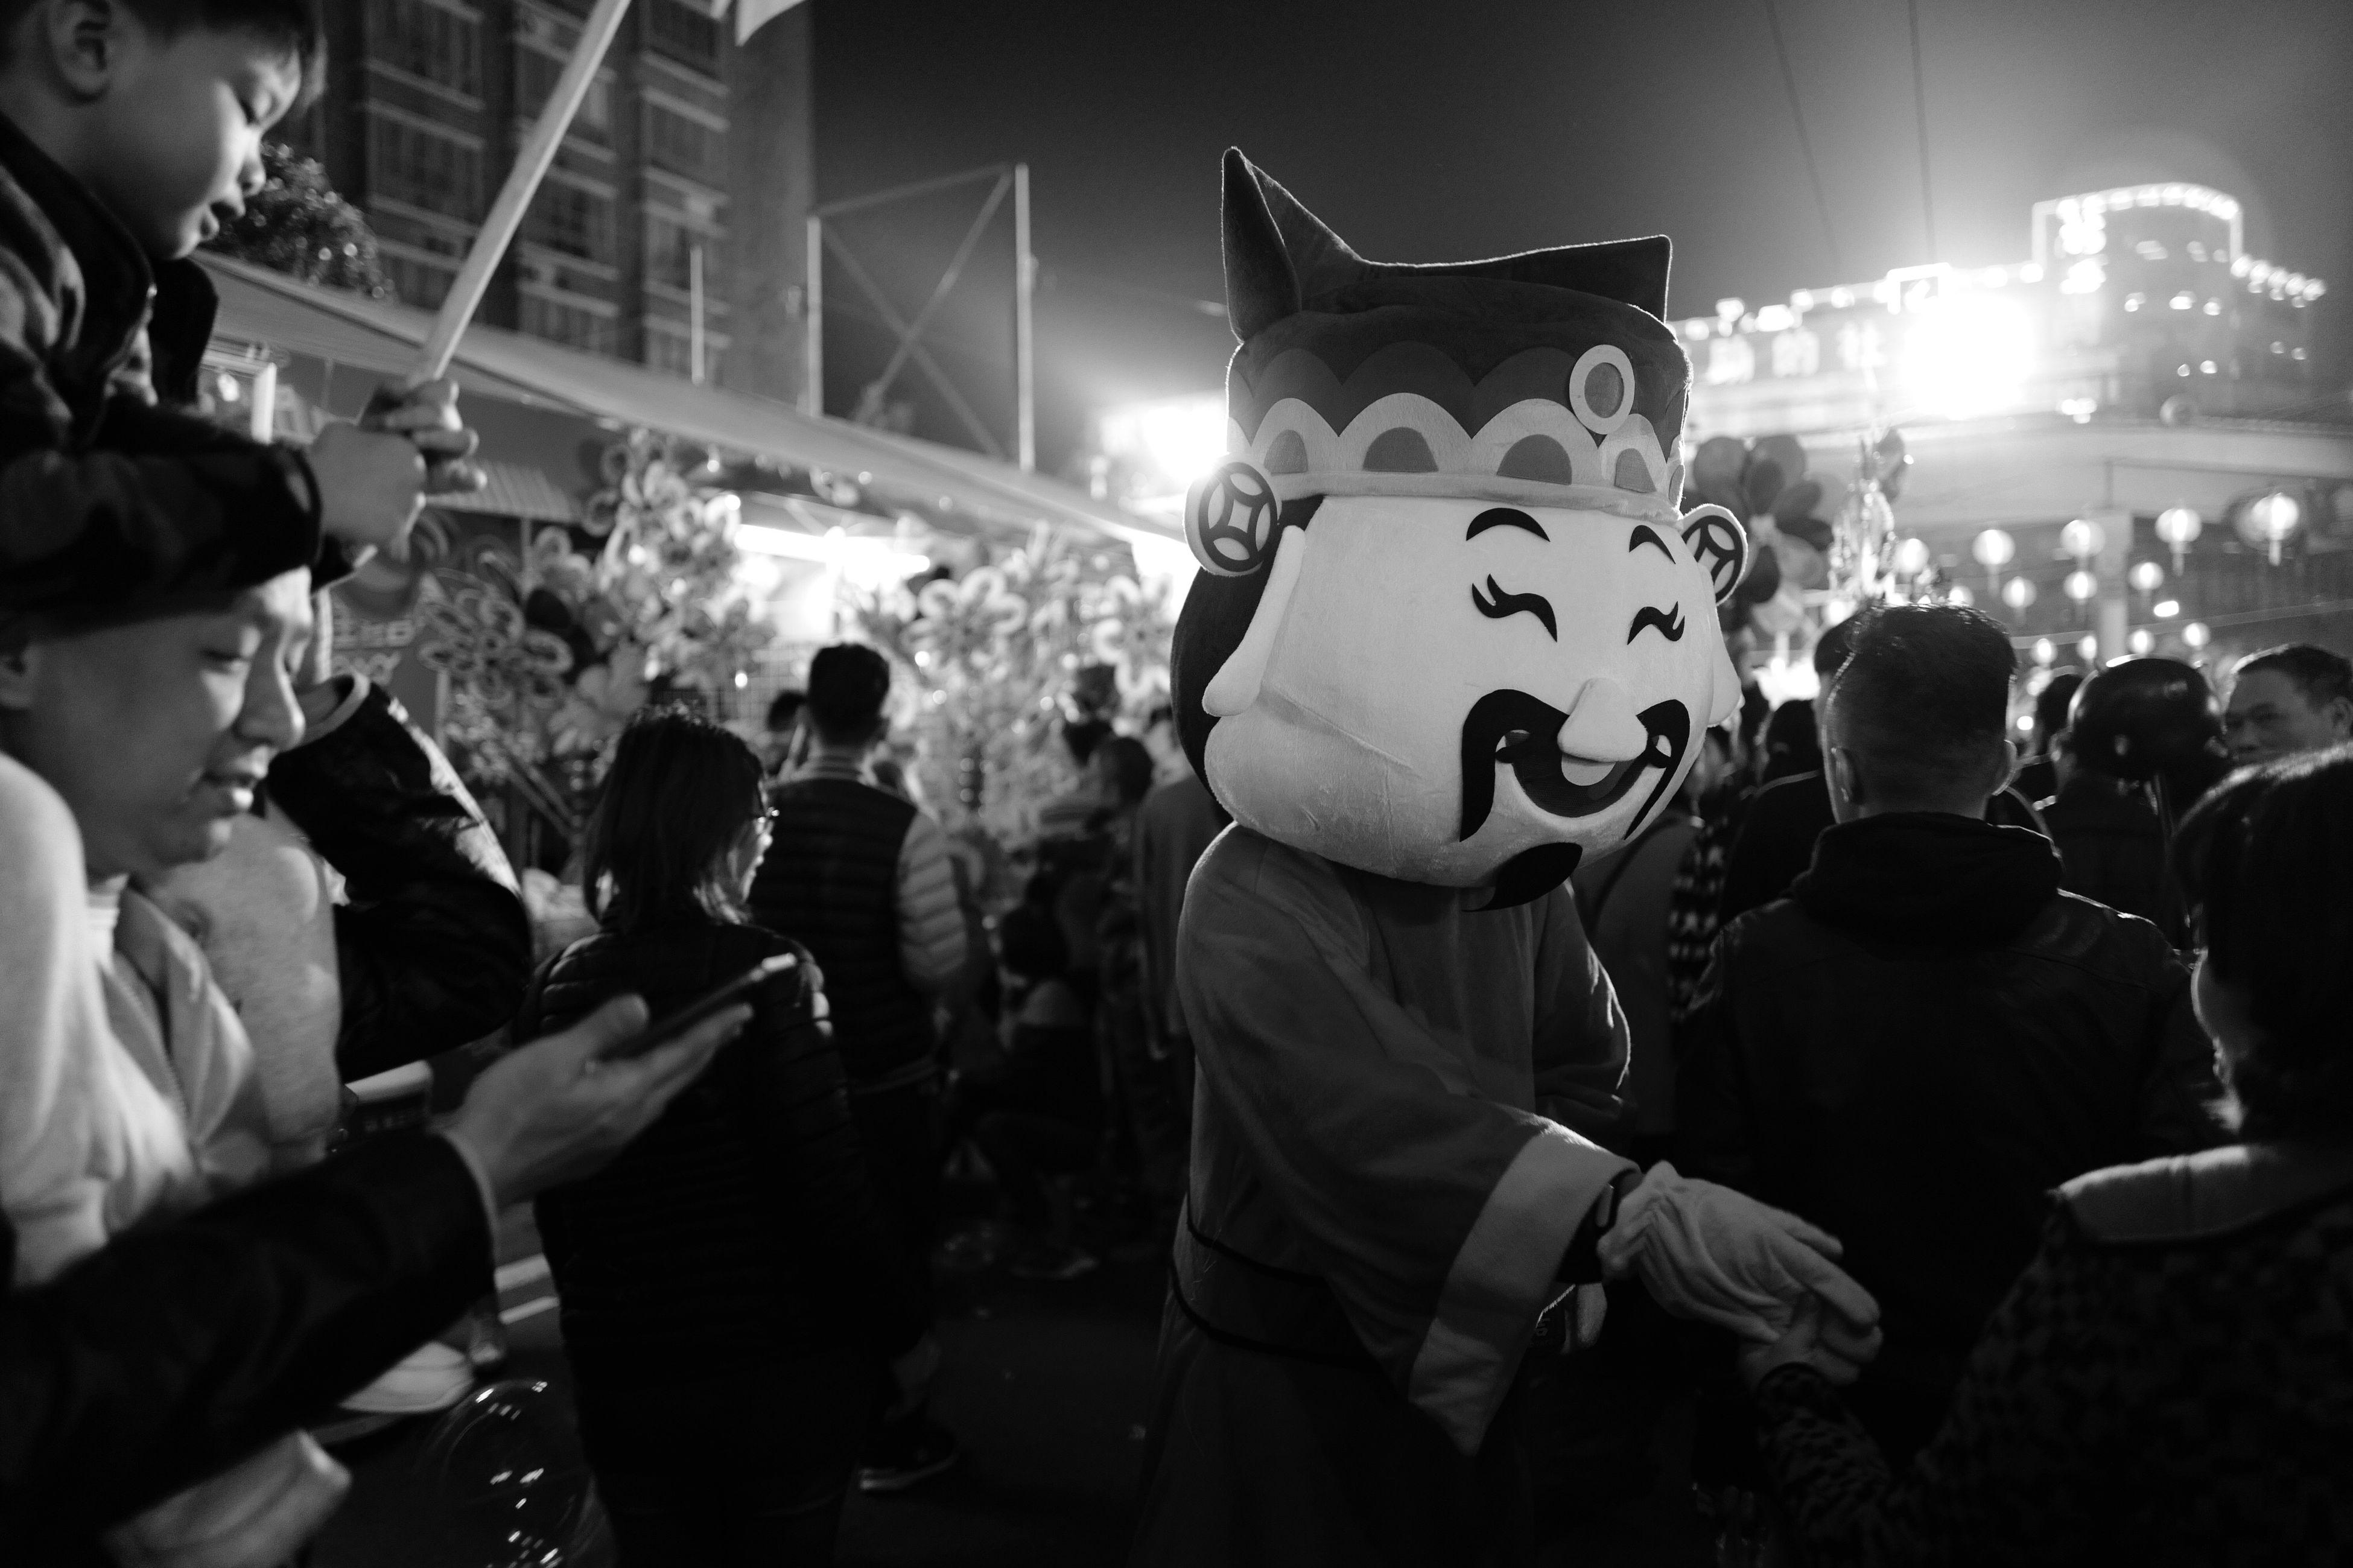 Leicaq QME Night Chinese New Year Black & White